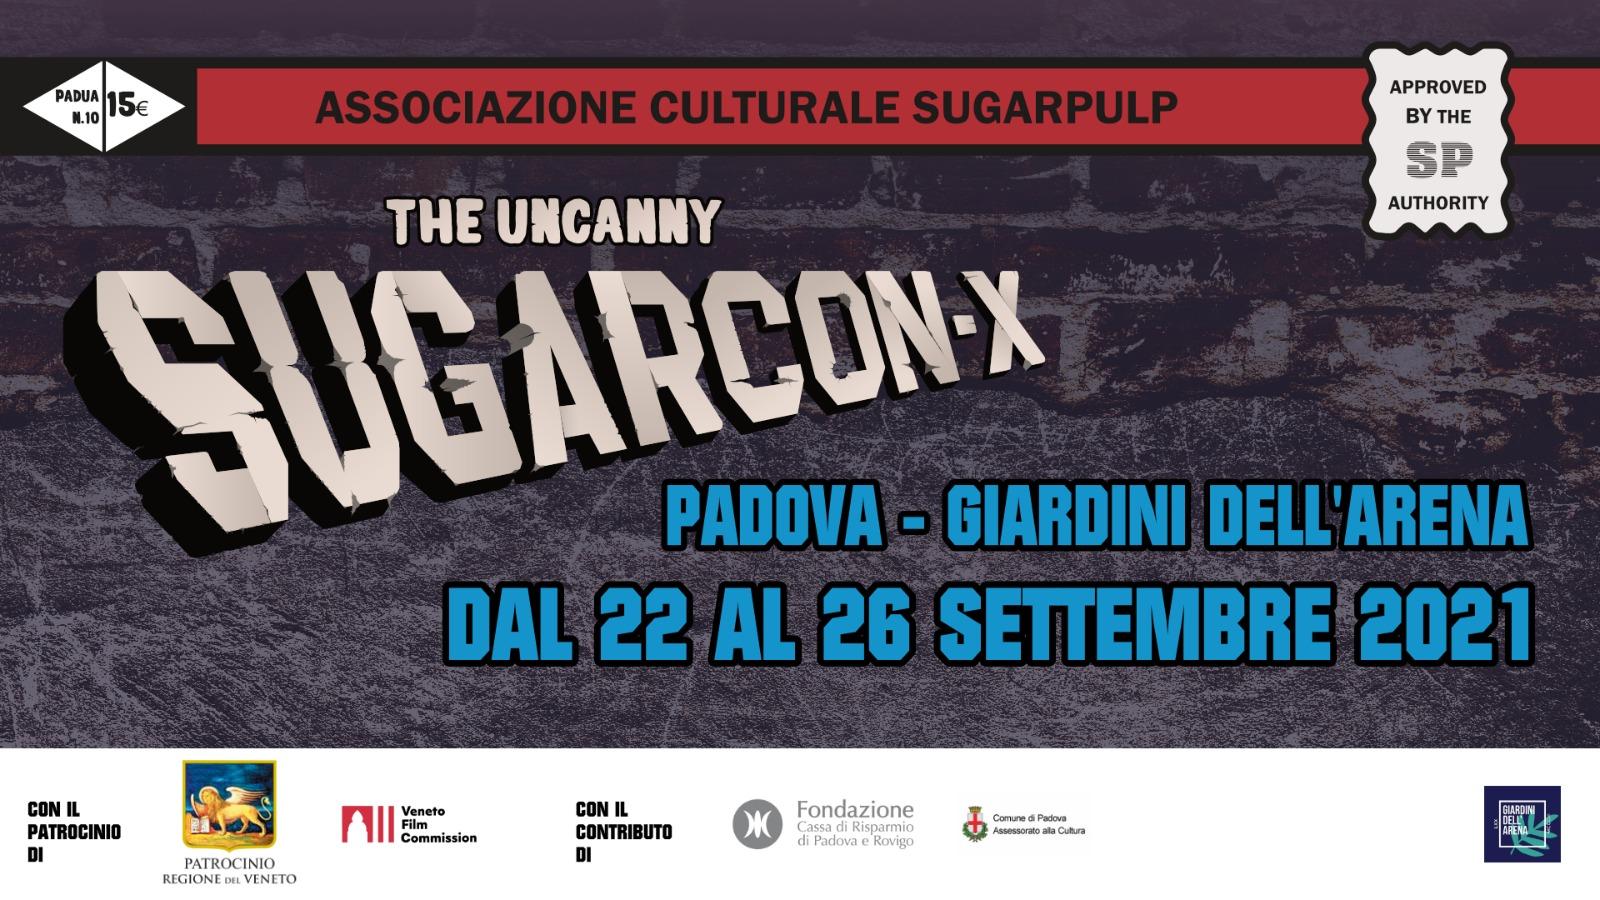 Dal 22 al 26 settembre ai Giardini dell'Arena di Padova c'è la Sugarcon-X, la Sugarpulp Convention del decennale. L'anteprima del programma.